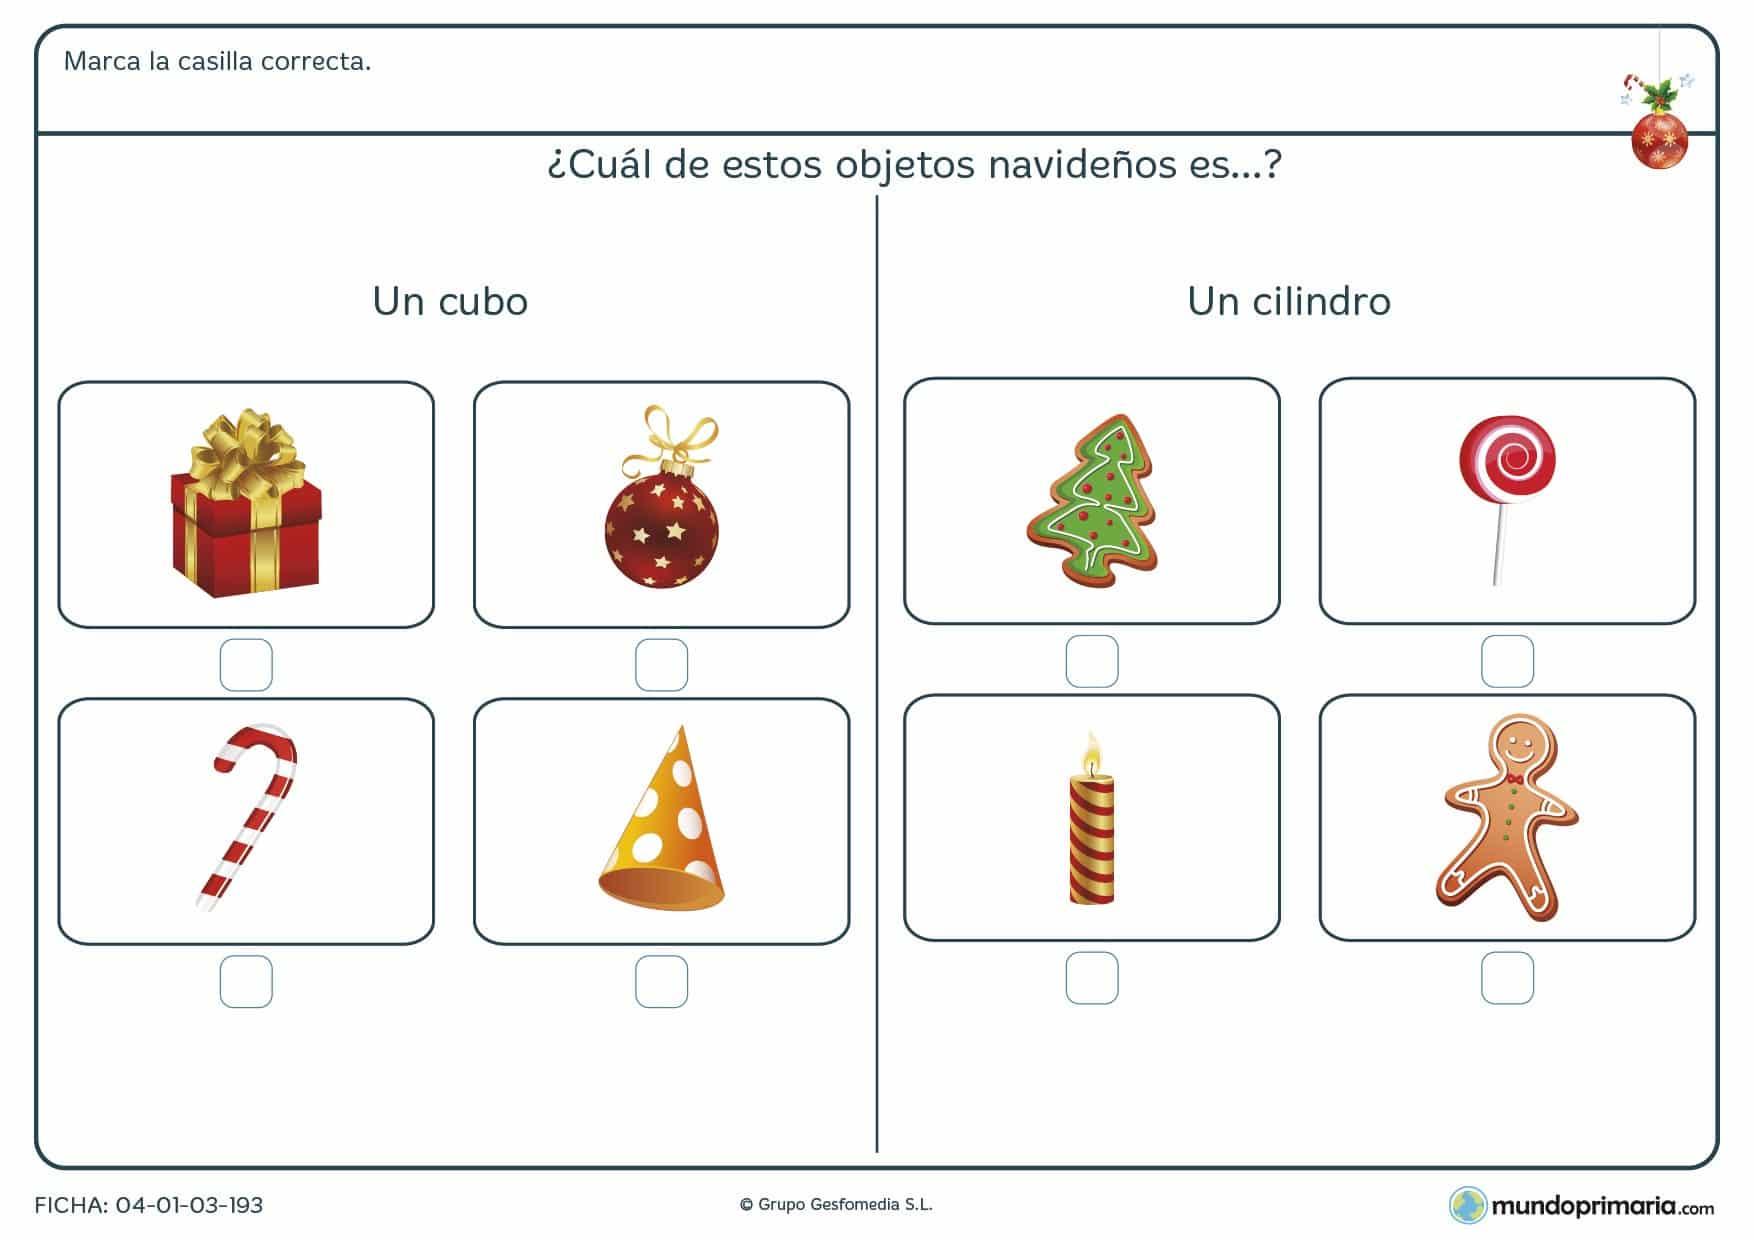 Ficha de figuras geométricas relacionadas con objetos típicos de la Navidad